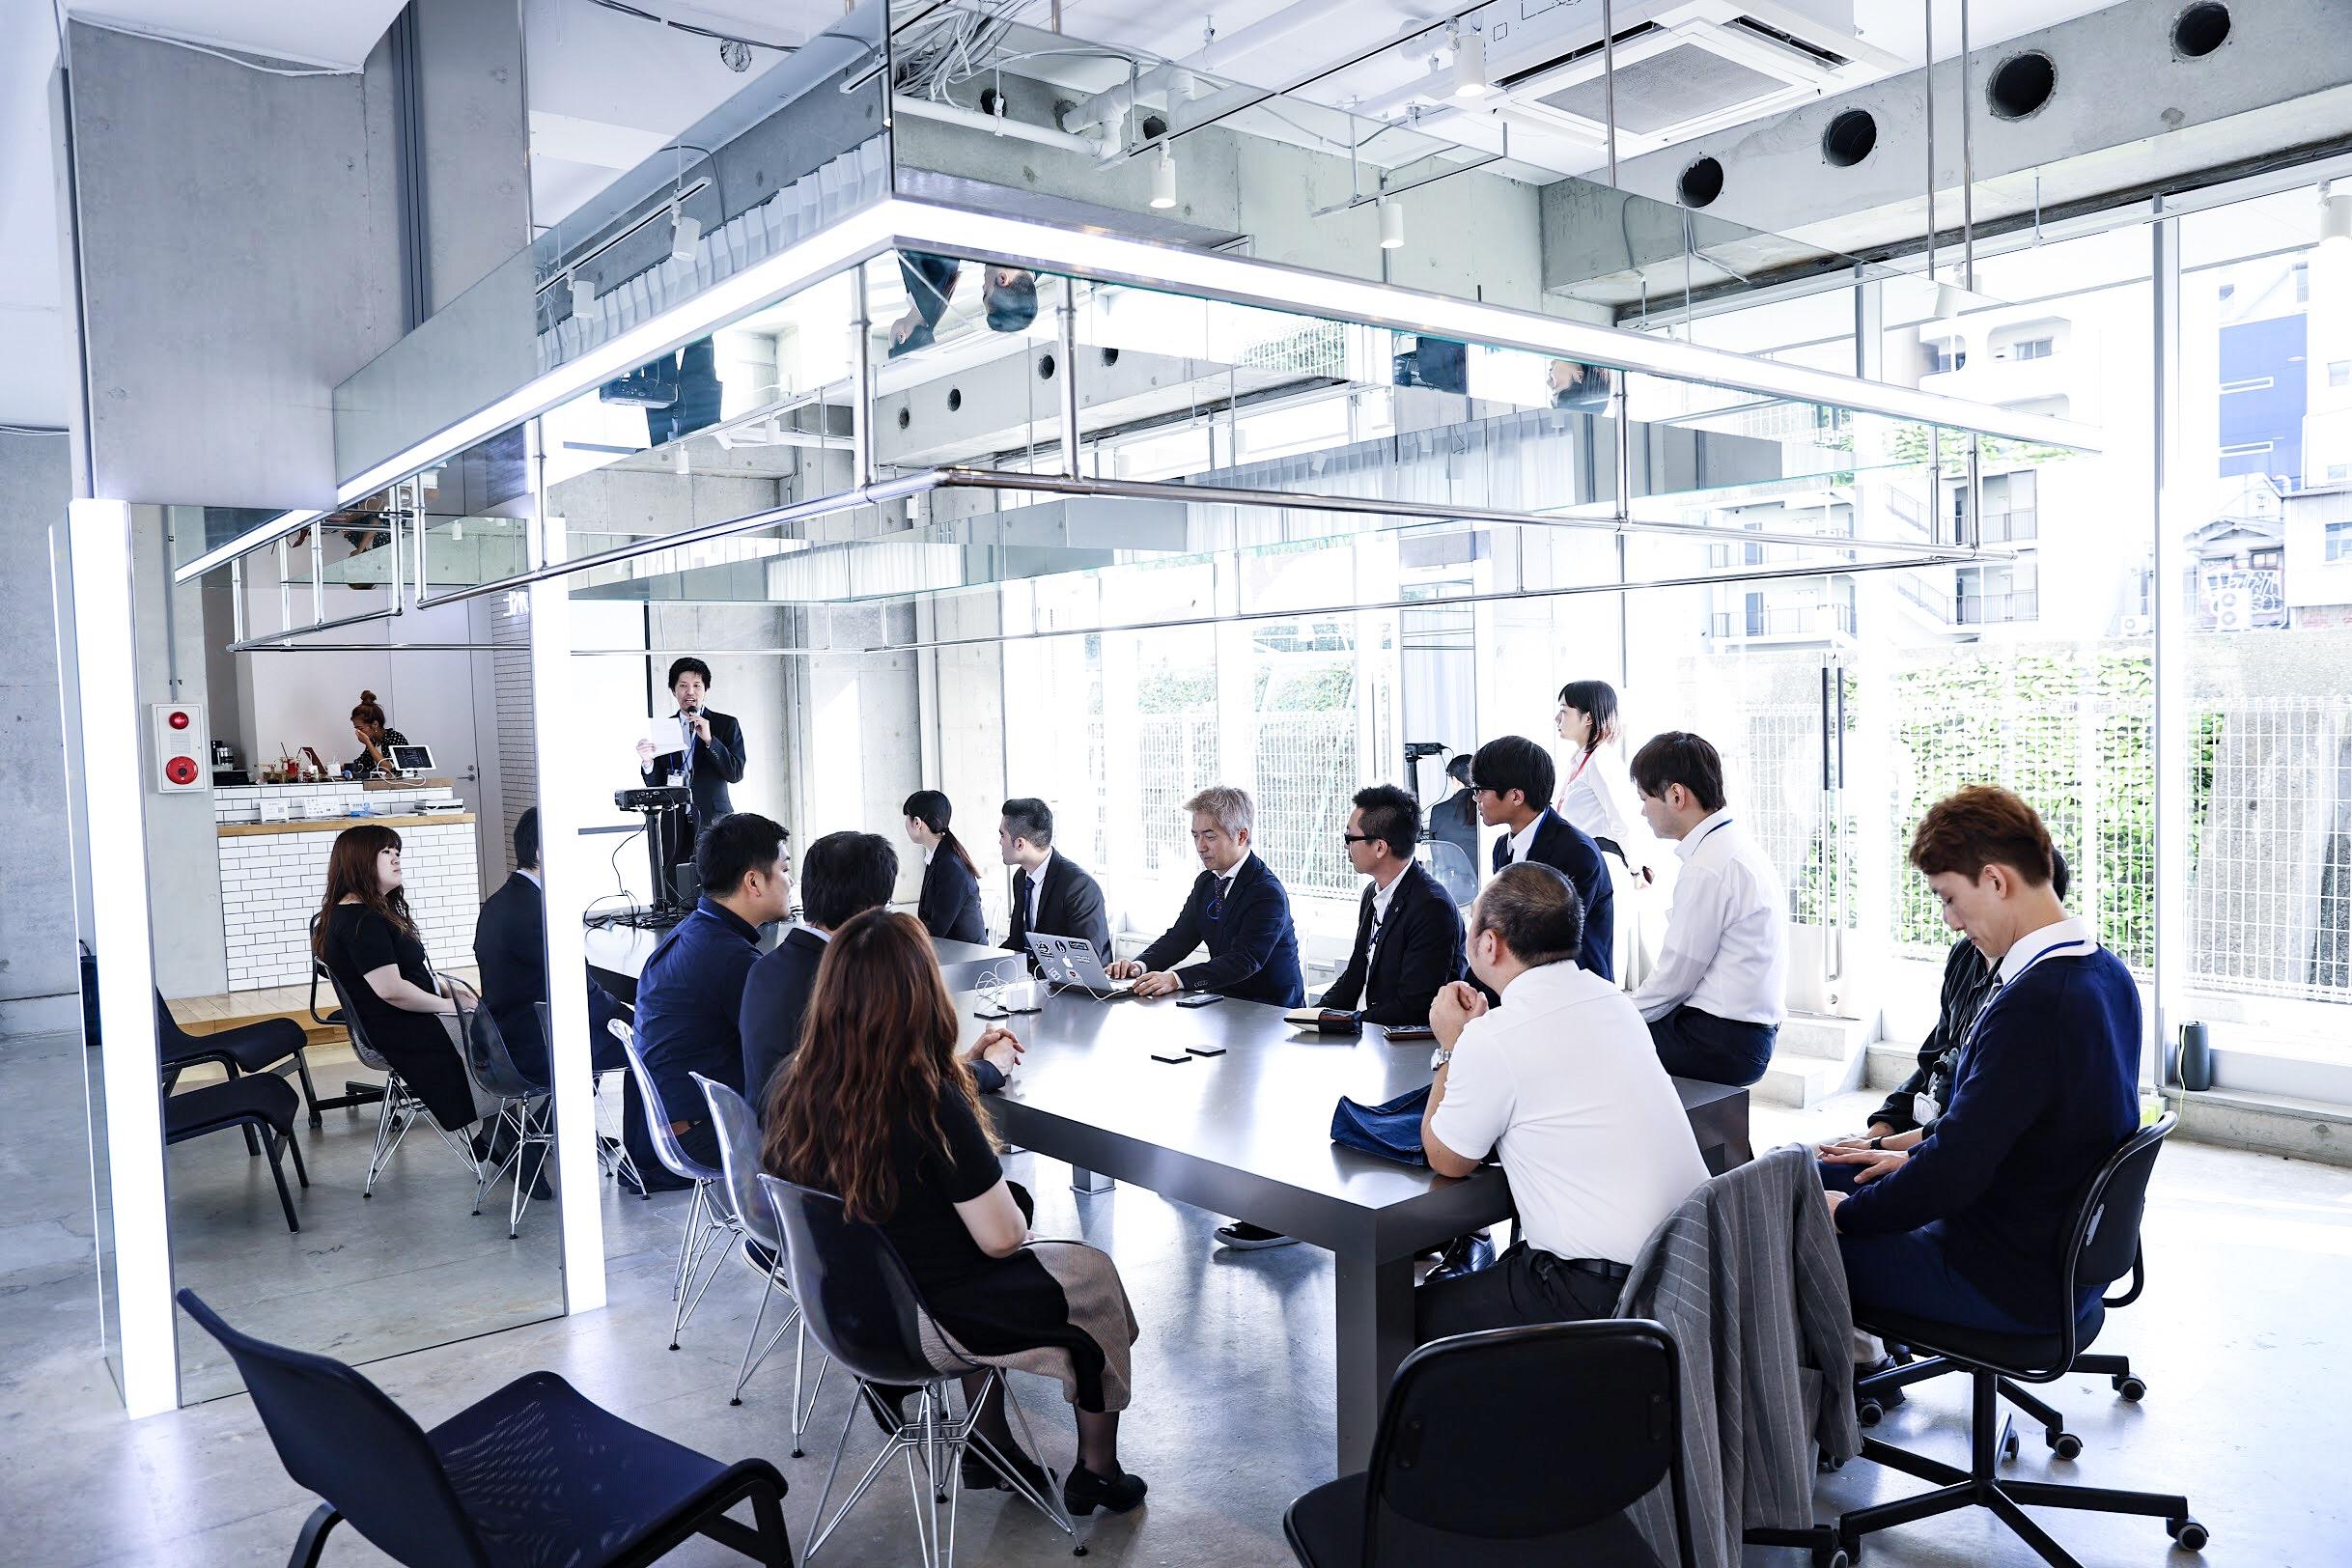 難波会議室,難波セミナールーム,貸し会議室,大阪市西区, 大阪市中央区